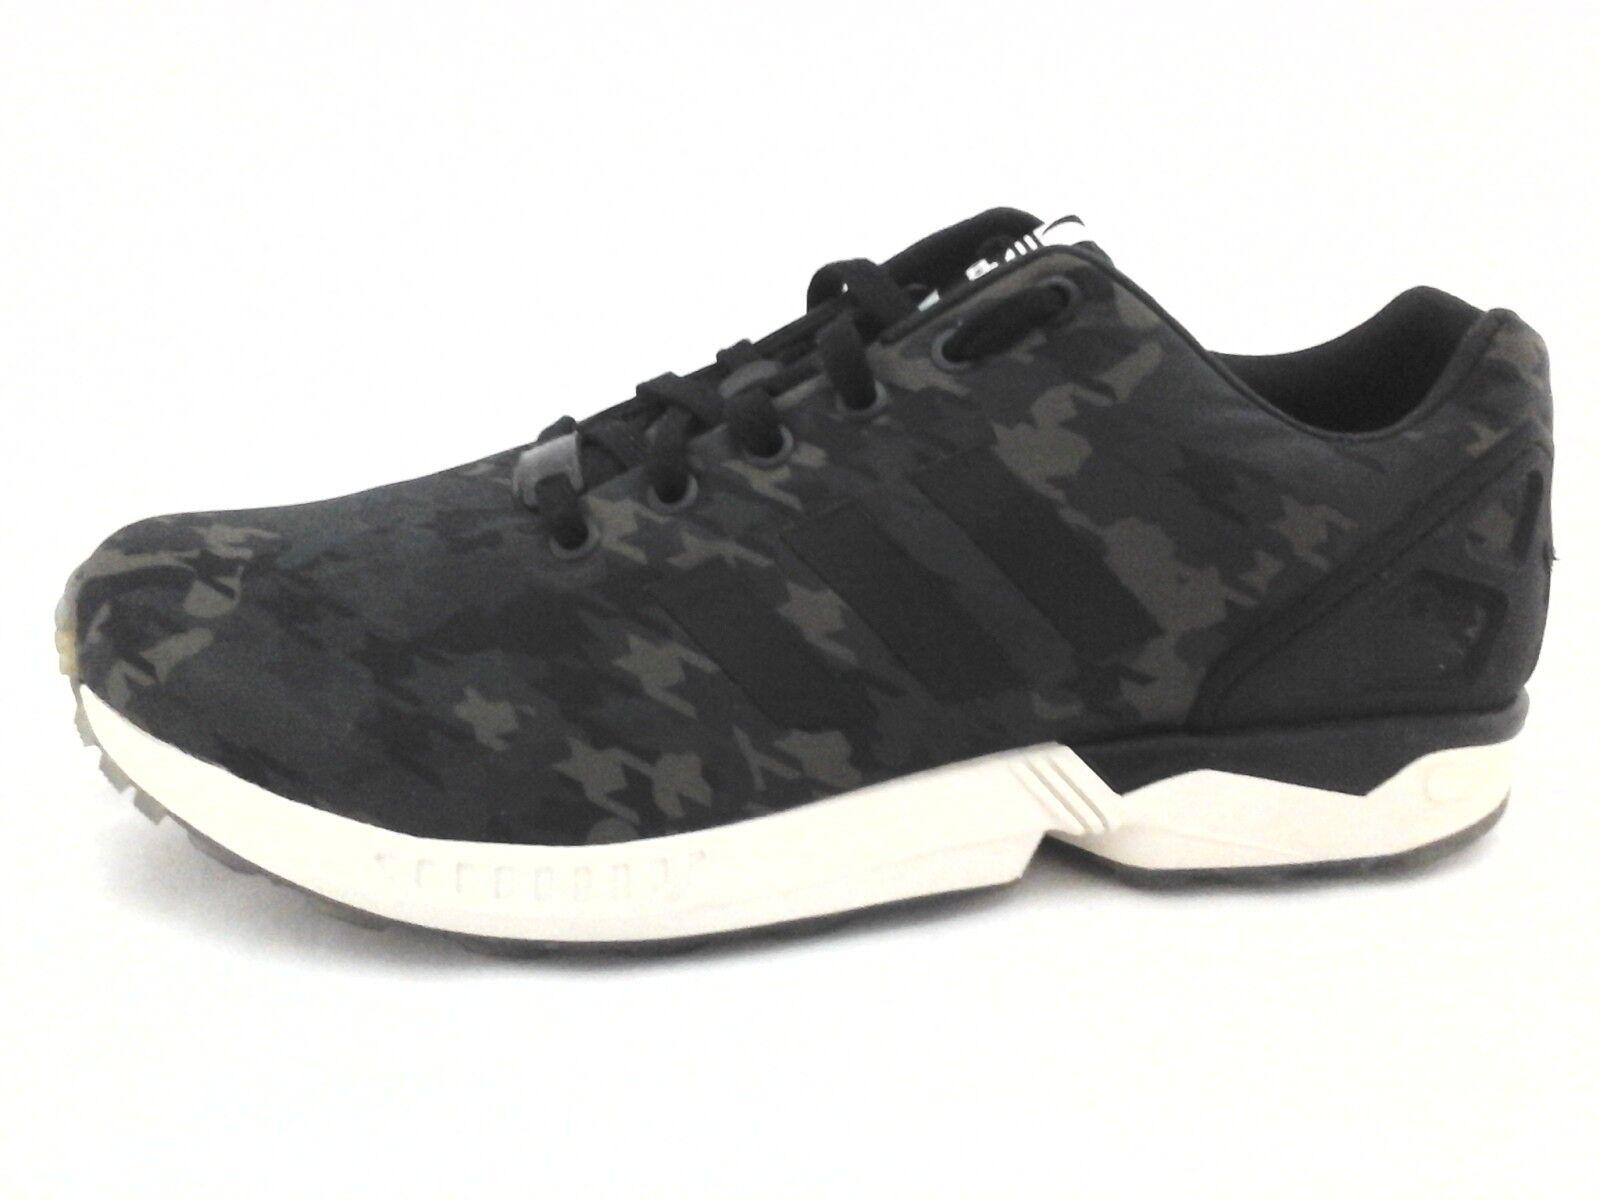 Adidas Adidas Adidas - turnschuhe torsion grüne camo zx flux b32742 männer uns 10,5 / 3 selten 885be3